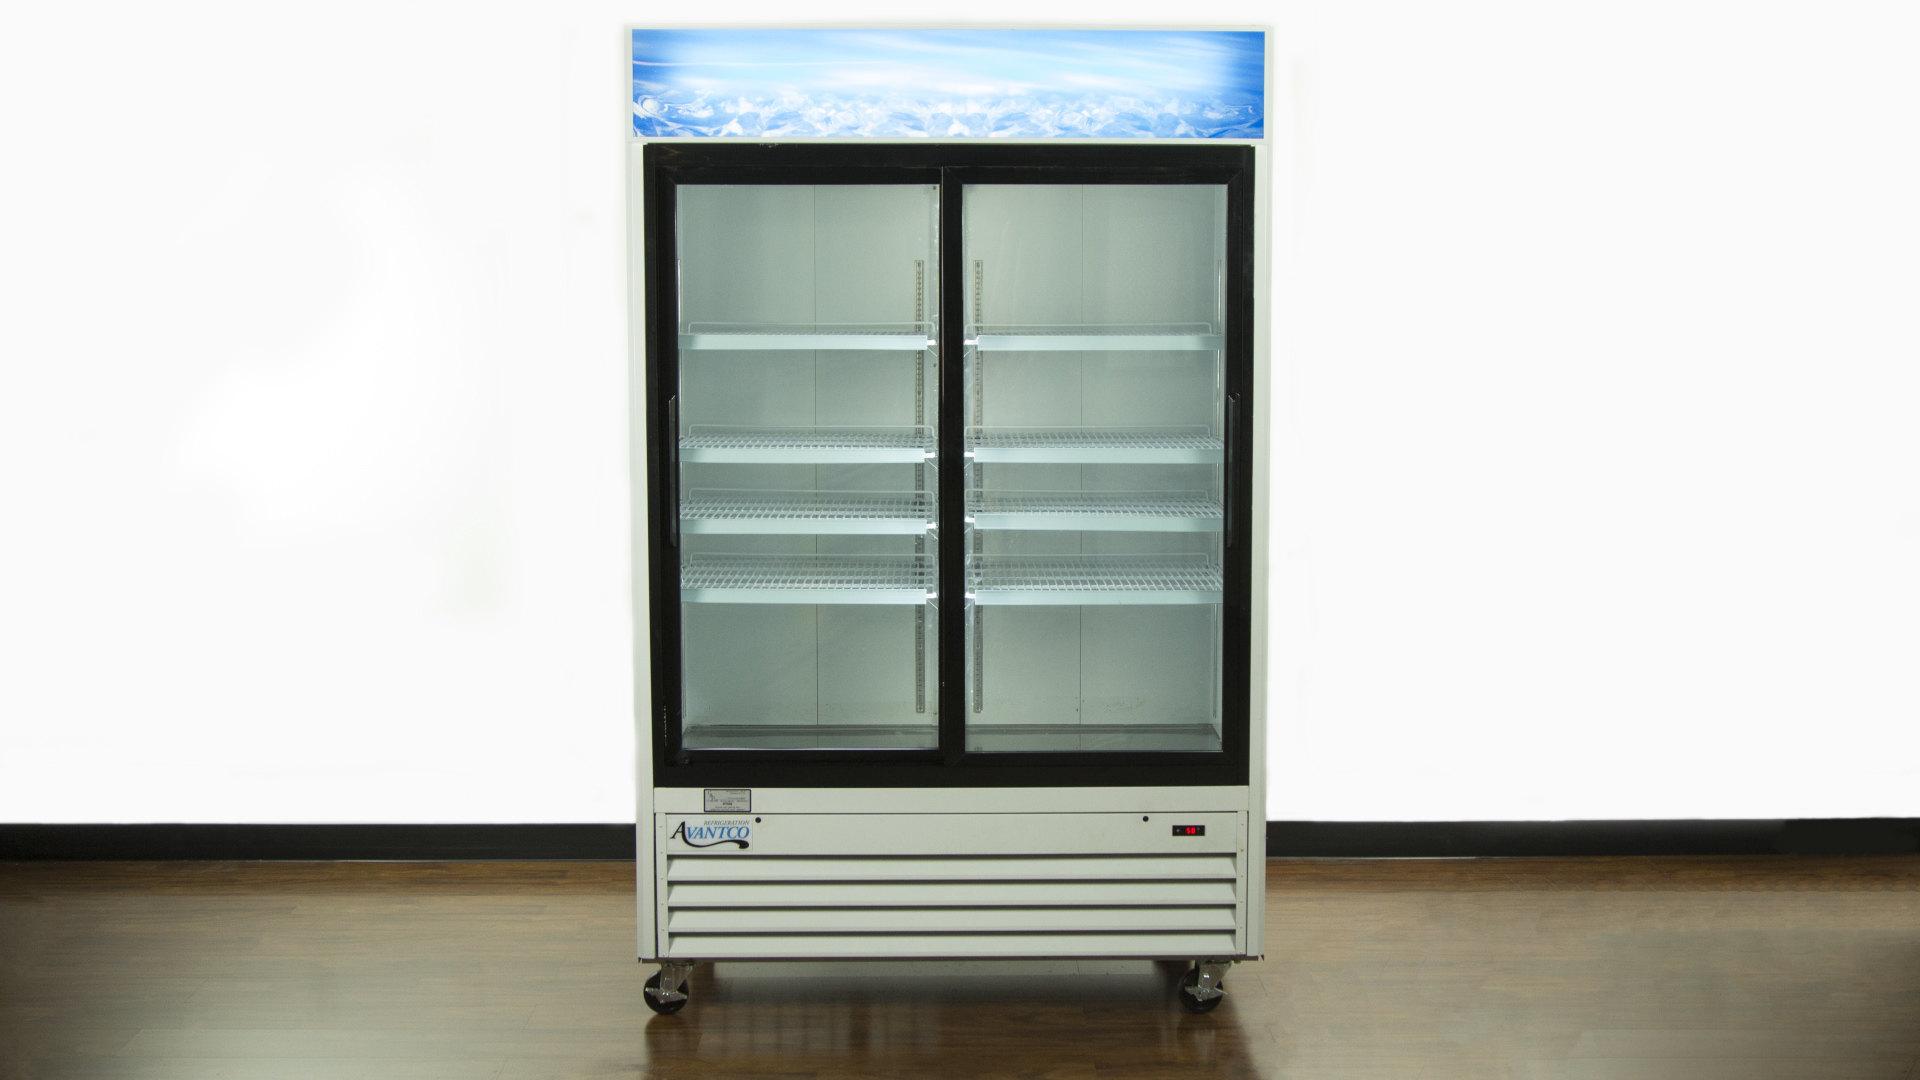 Avantco Sliding Glass Door Merchandiser Refrigerator ...